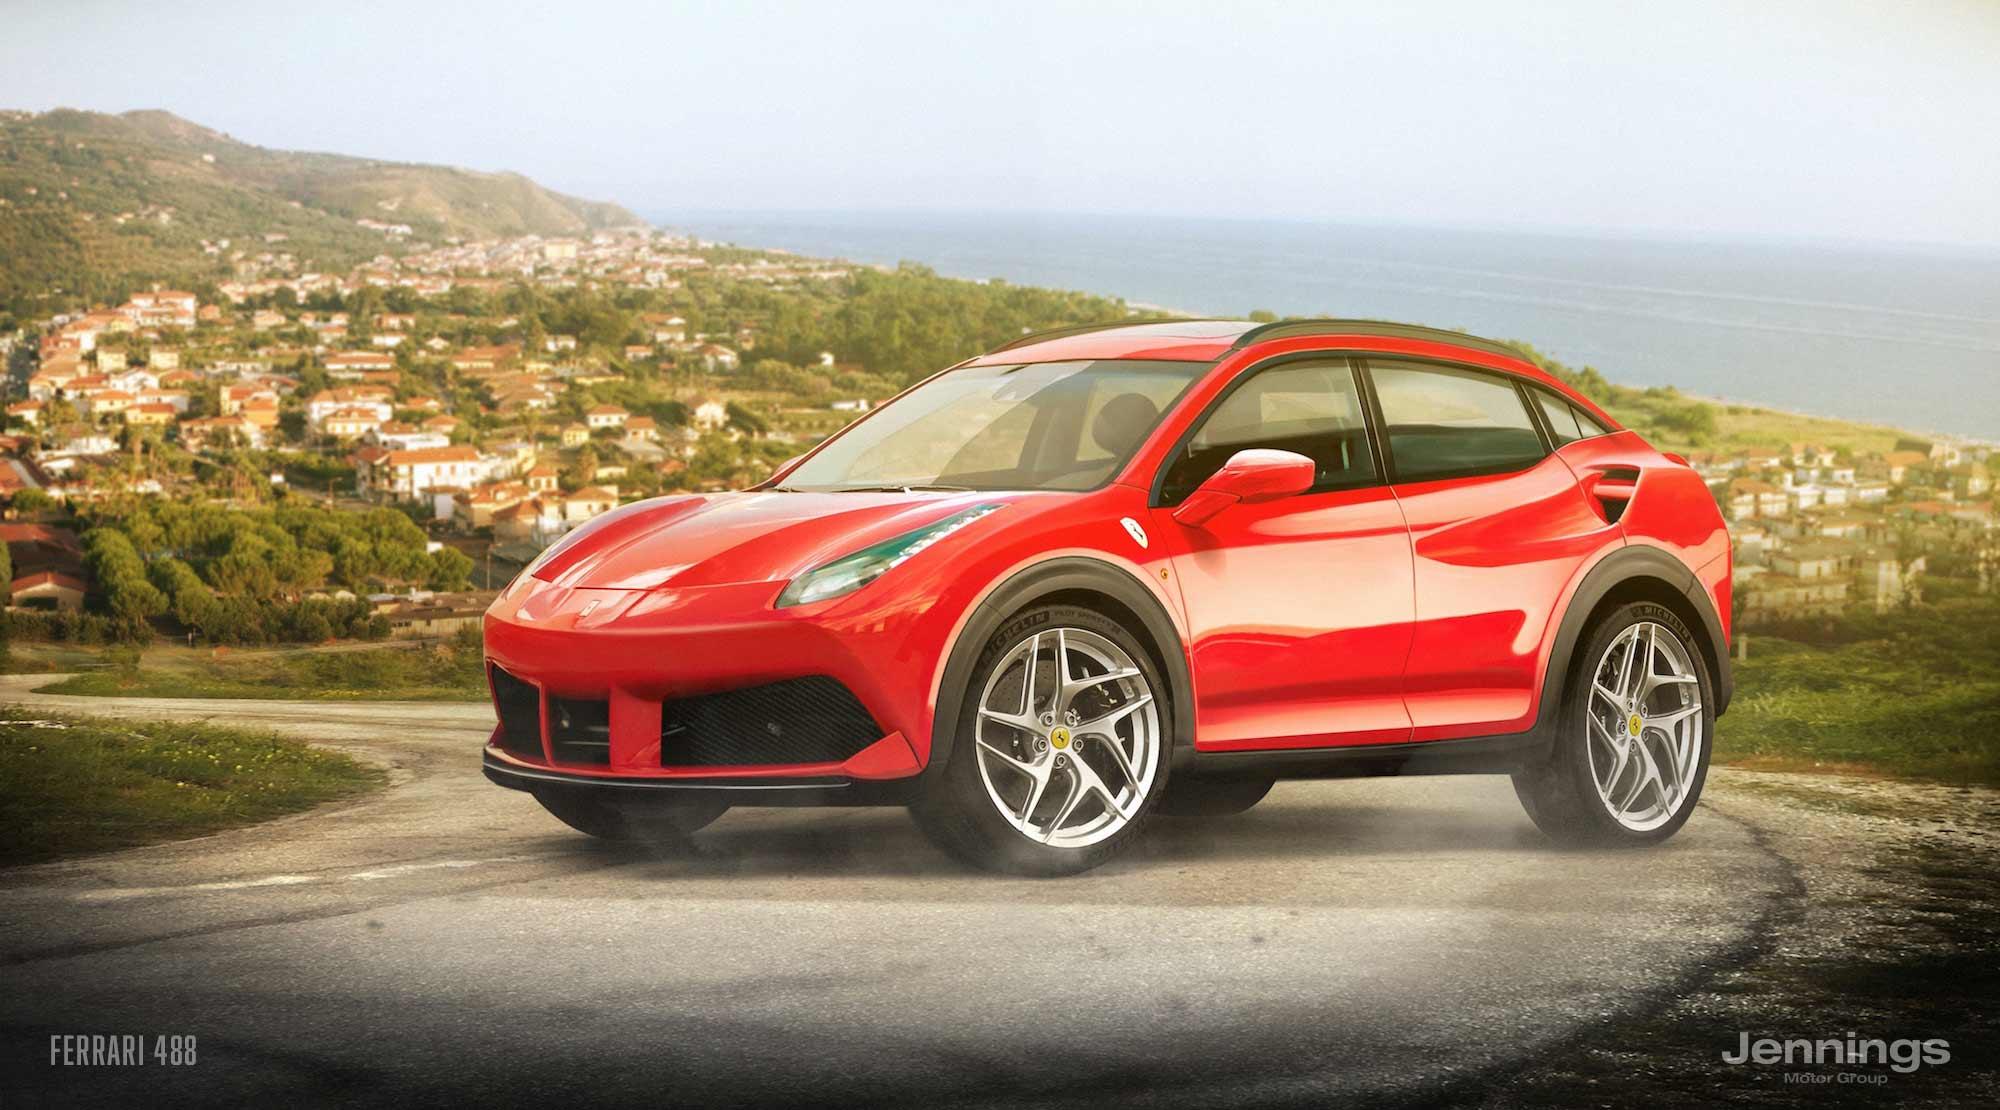 Το SUV της Ferrari στα τέλη του 2019 - Autoblog.gr